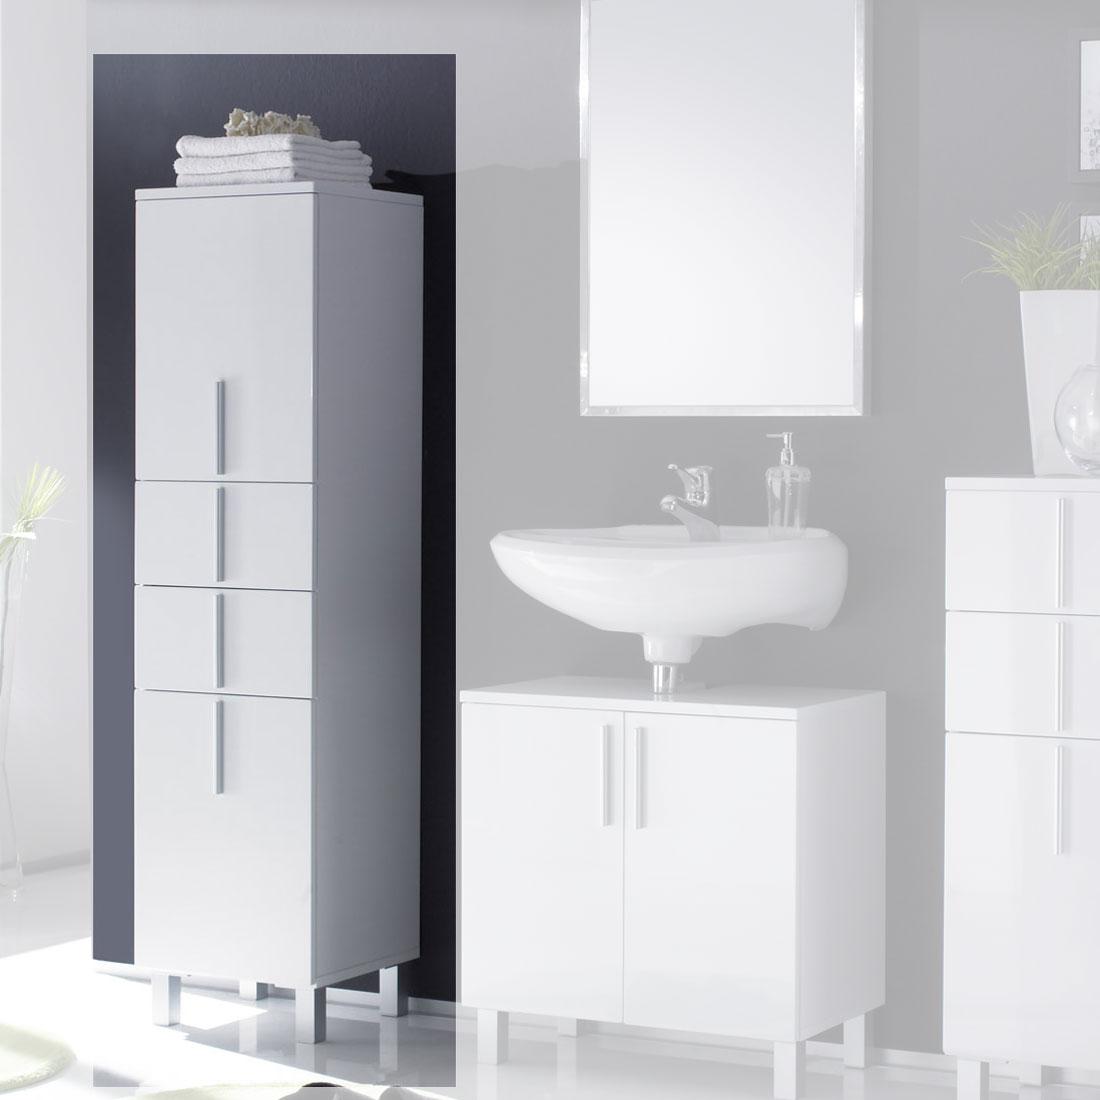 Hochschrank schrank hochglanz badschrank badezimmerschrank - Mobile alto bagno ...